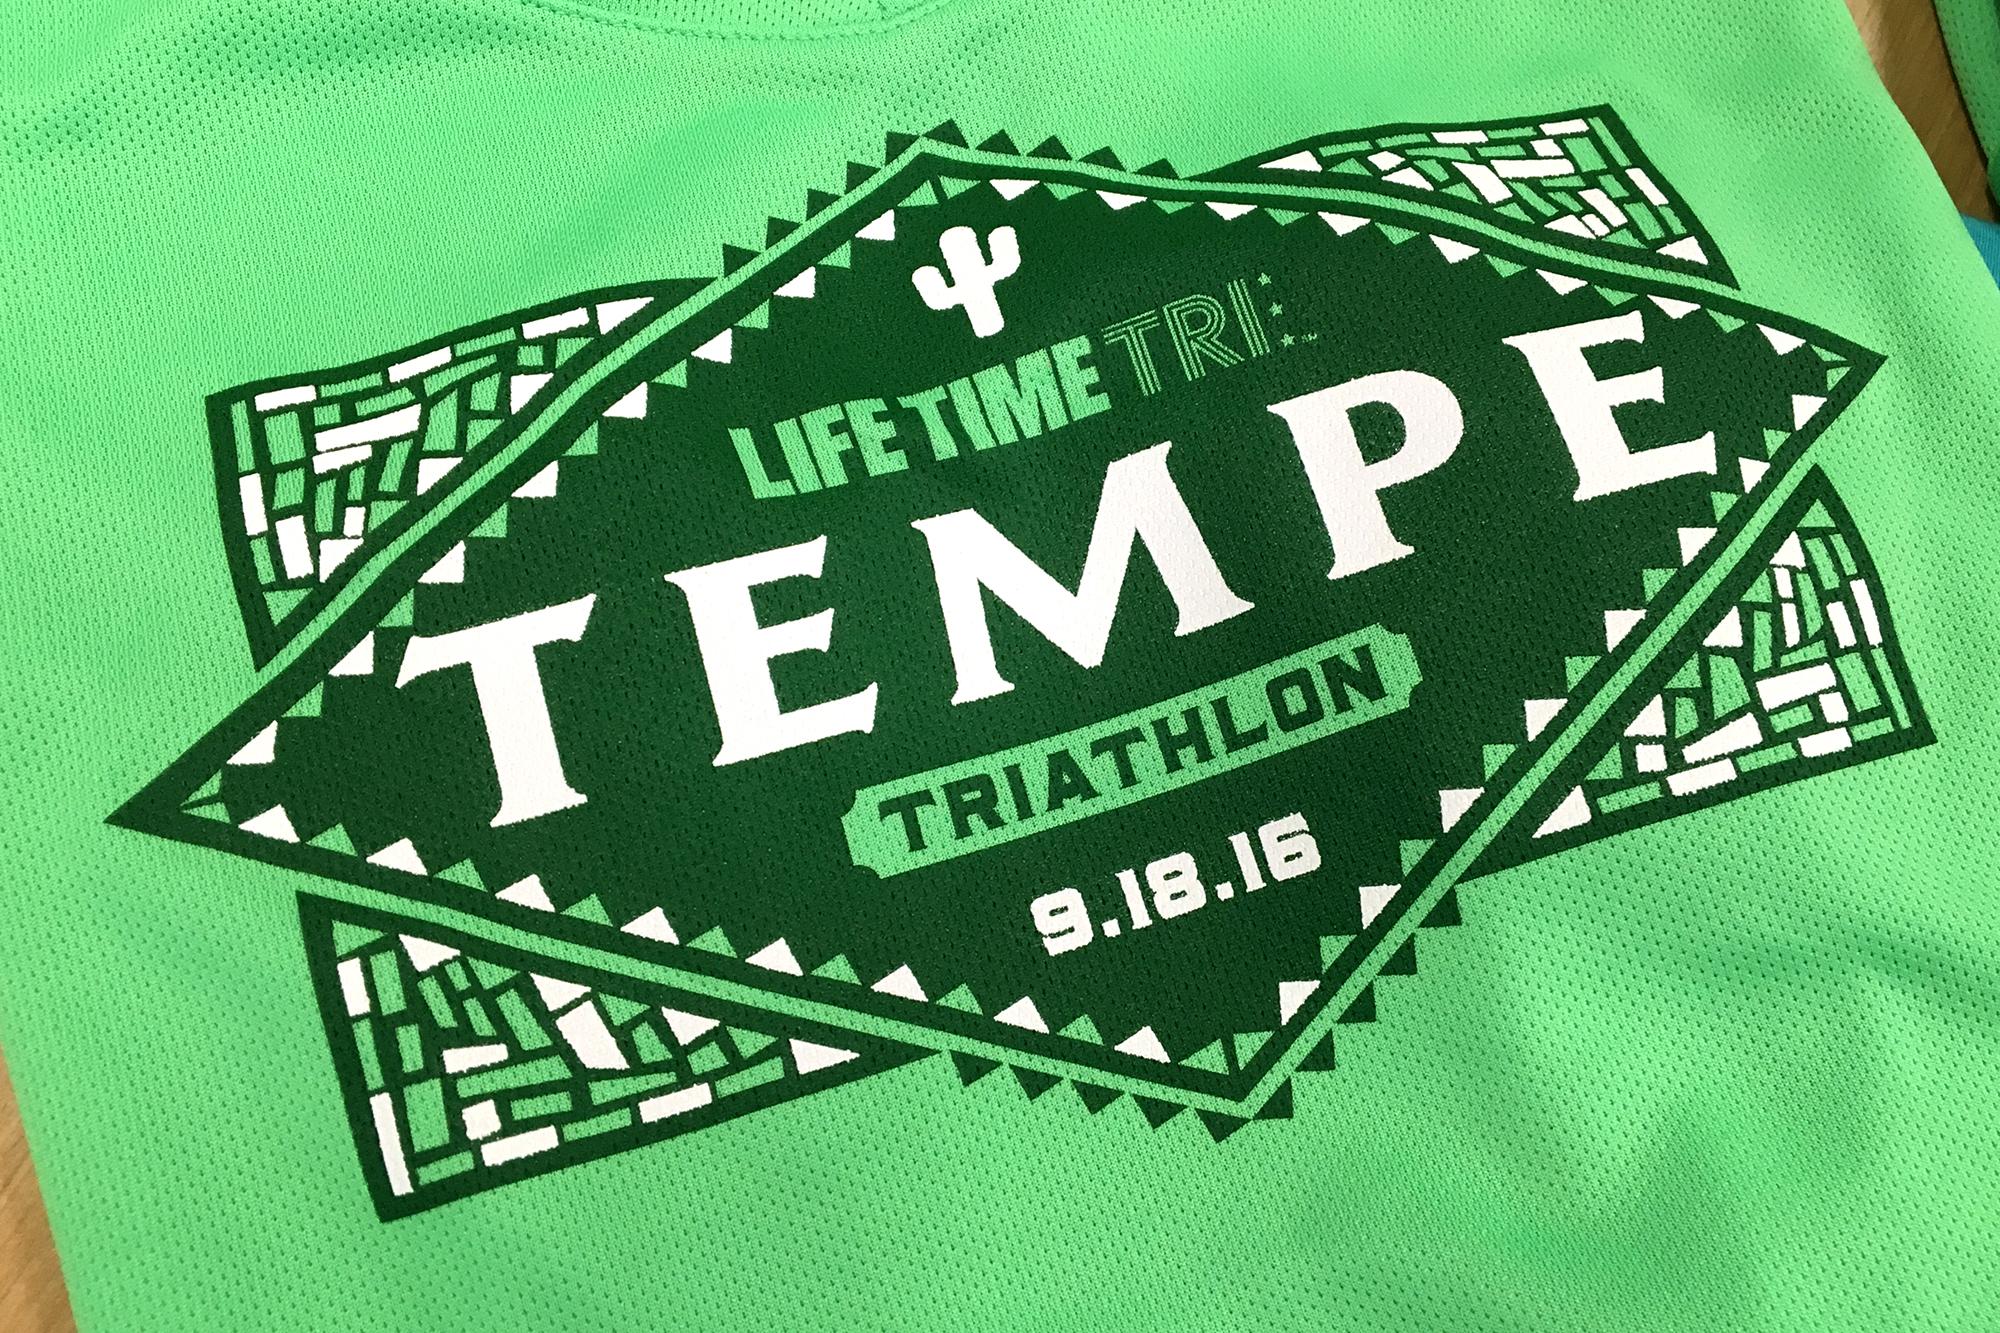 Tri_Tempe_Tee.jpg